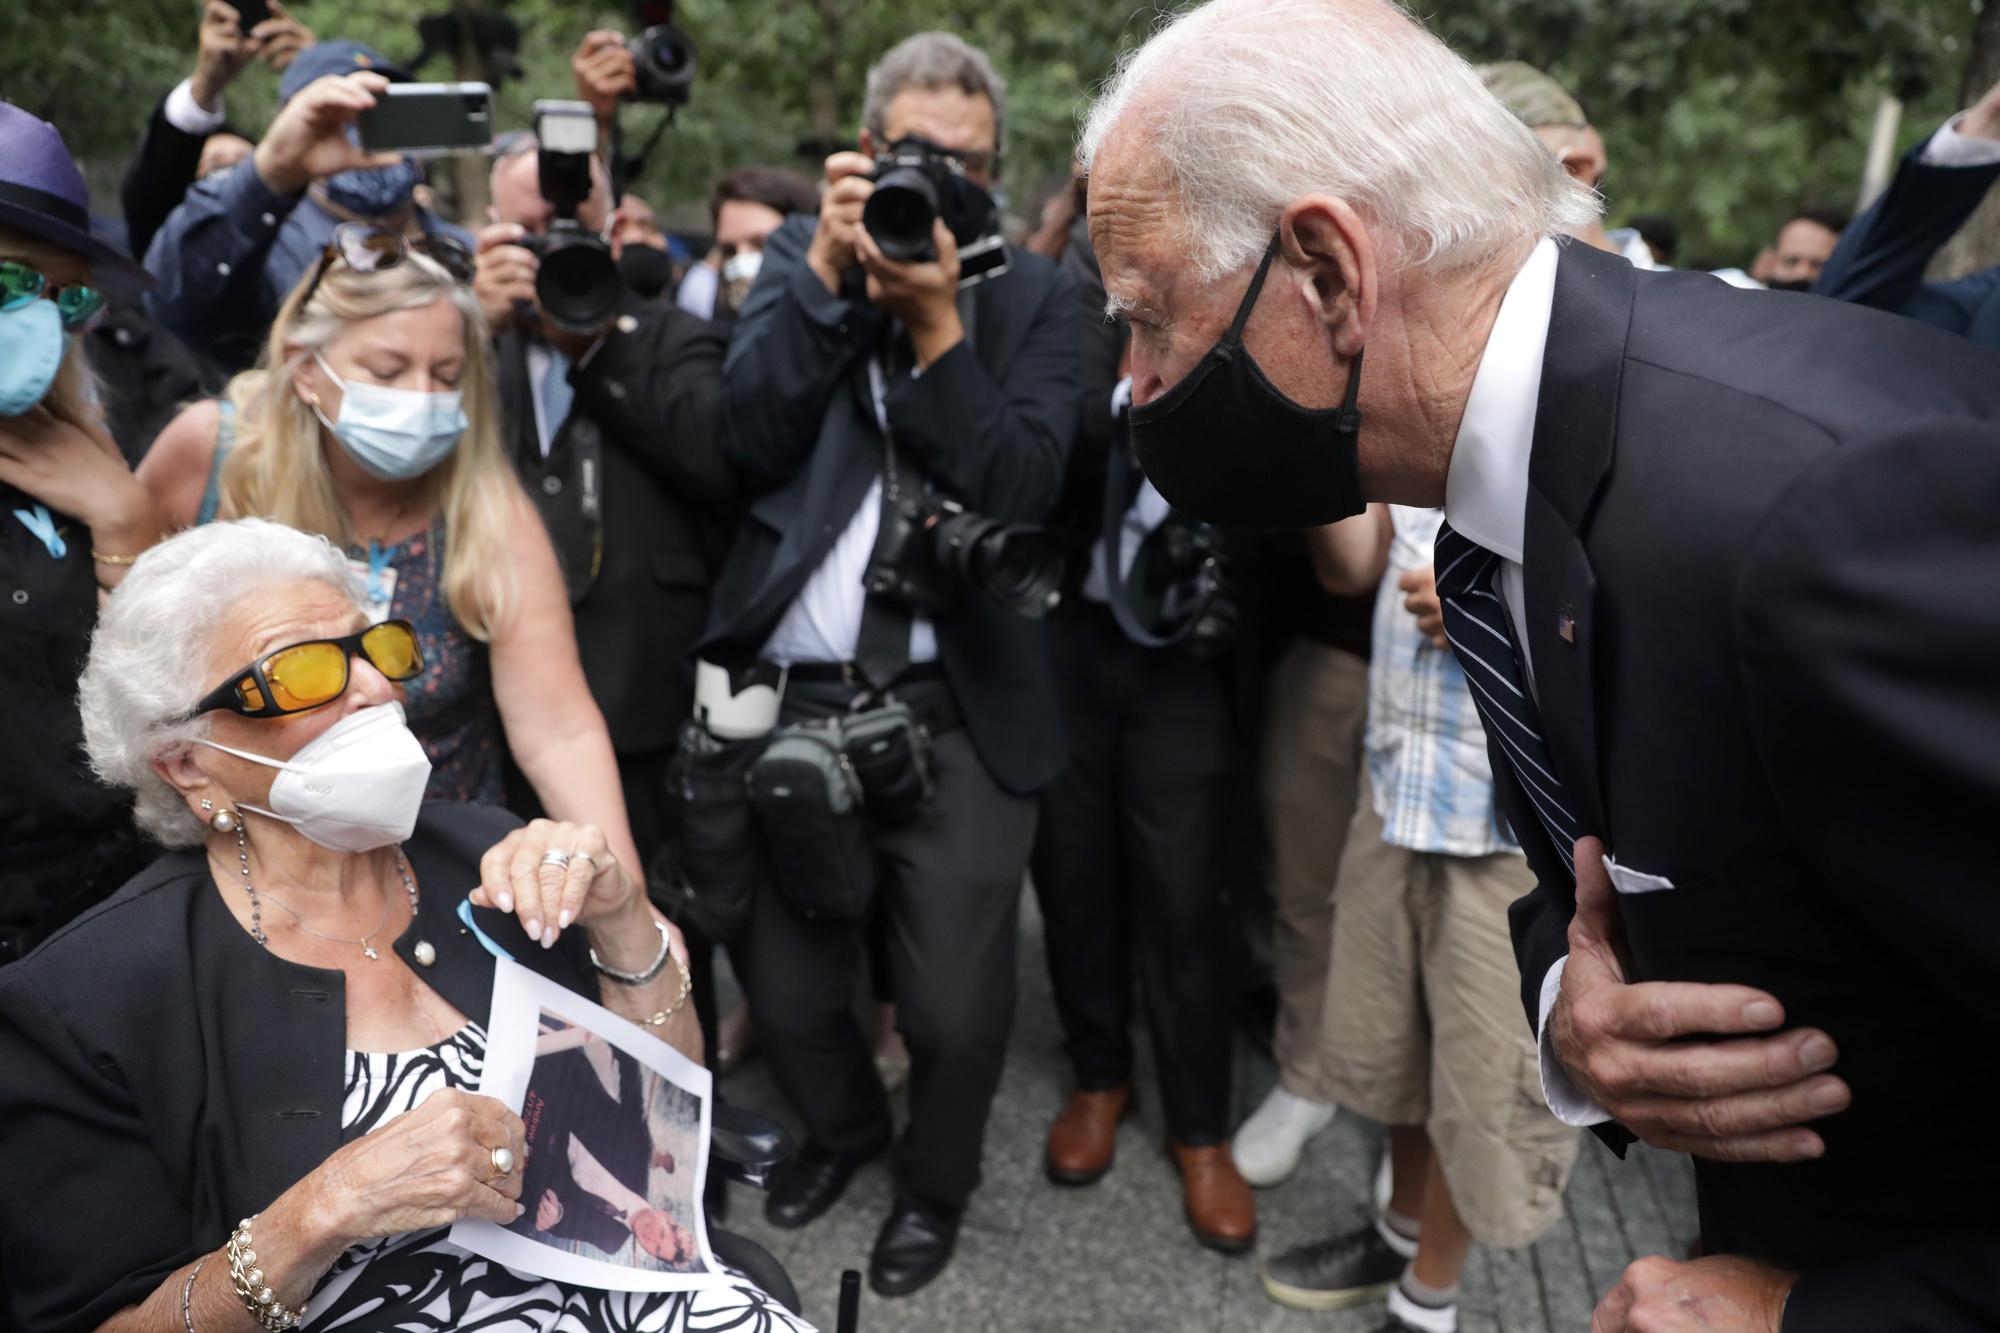 Joe Biden rencontre Maria Fisher, 90 ans, dont le fils a été tué dans la tour Nord du World Trade Center, le 11 septembre 2001., AMR ALFIKY / AFP